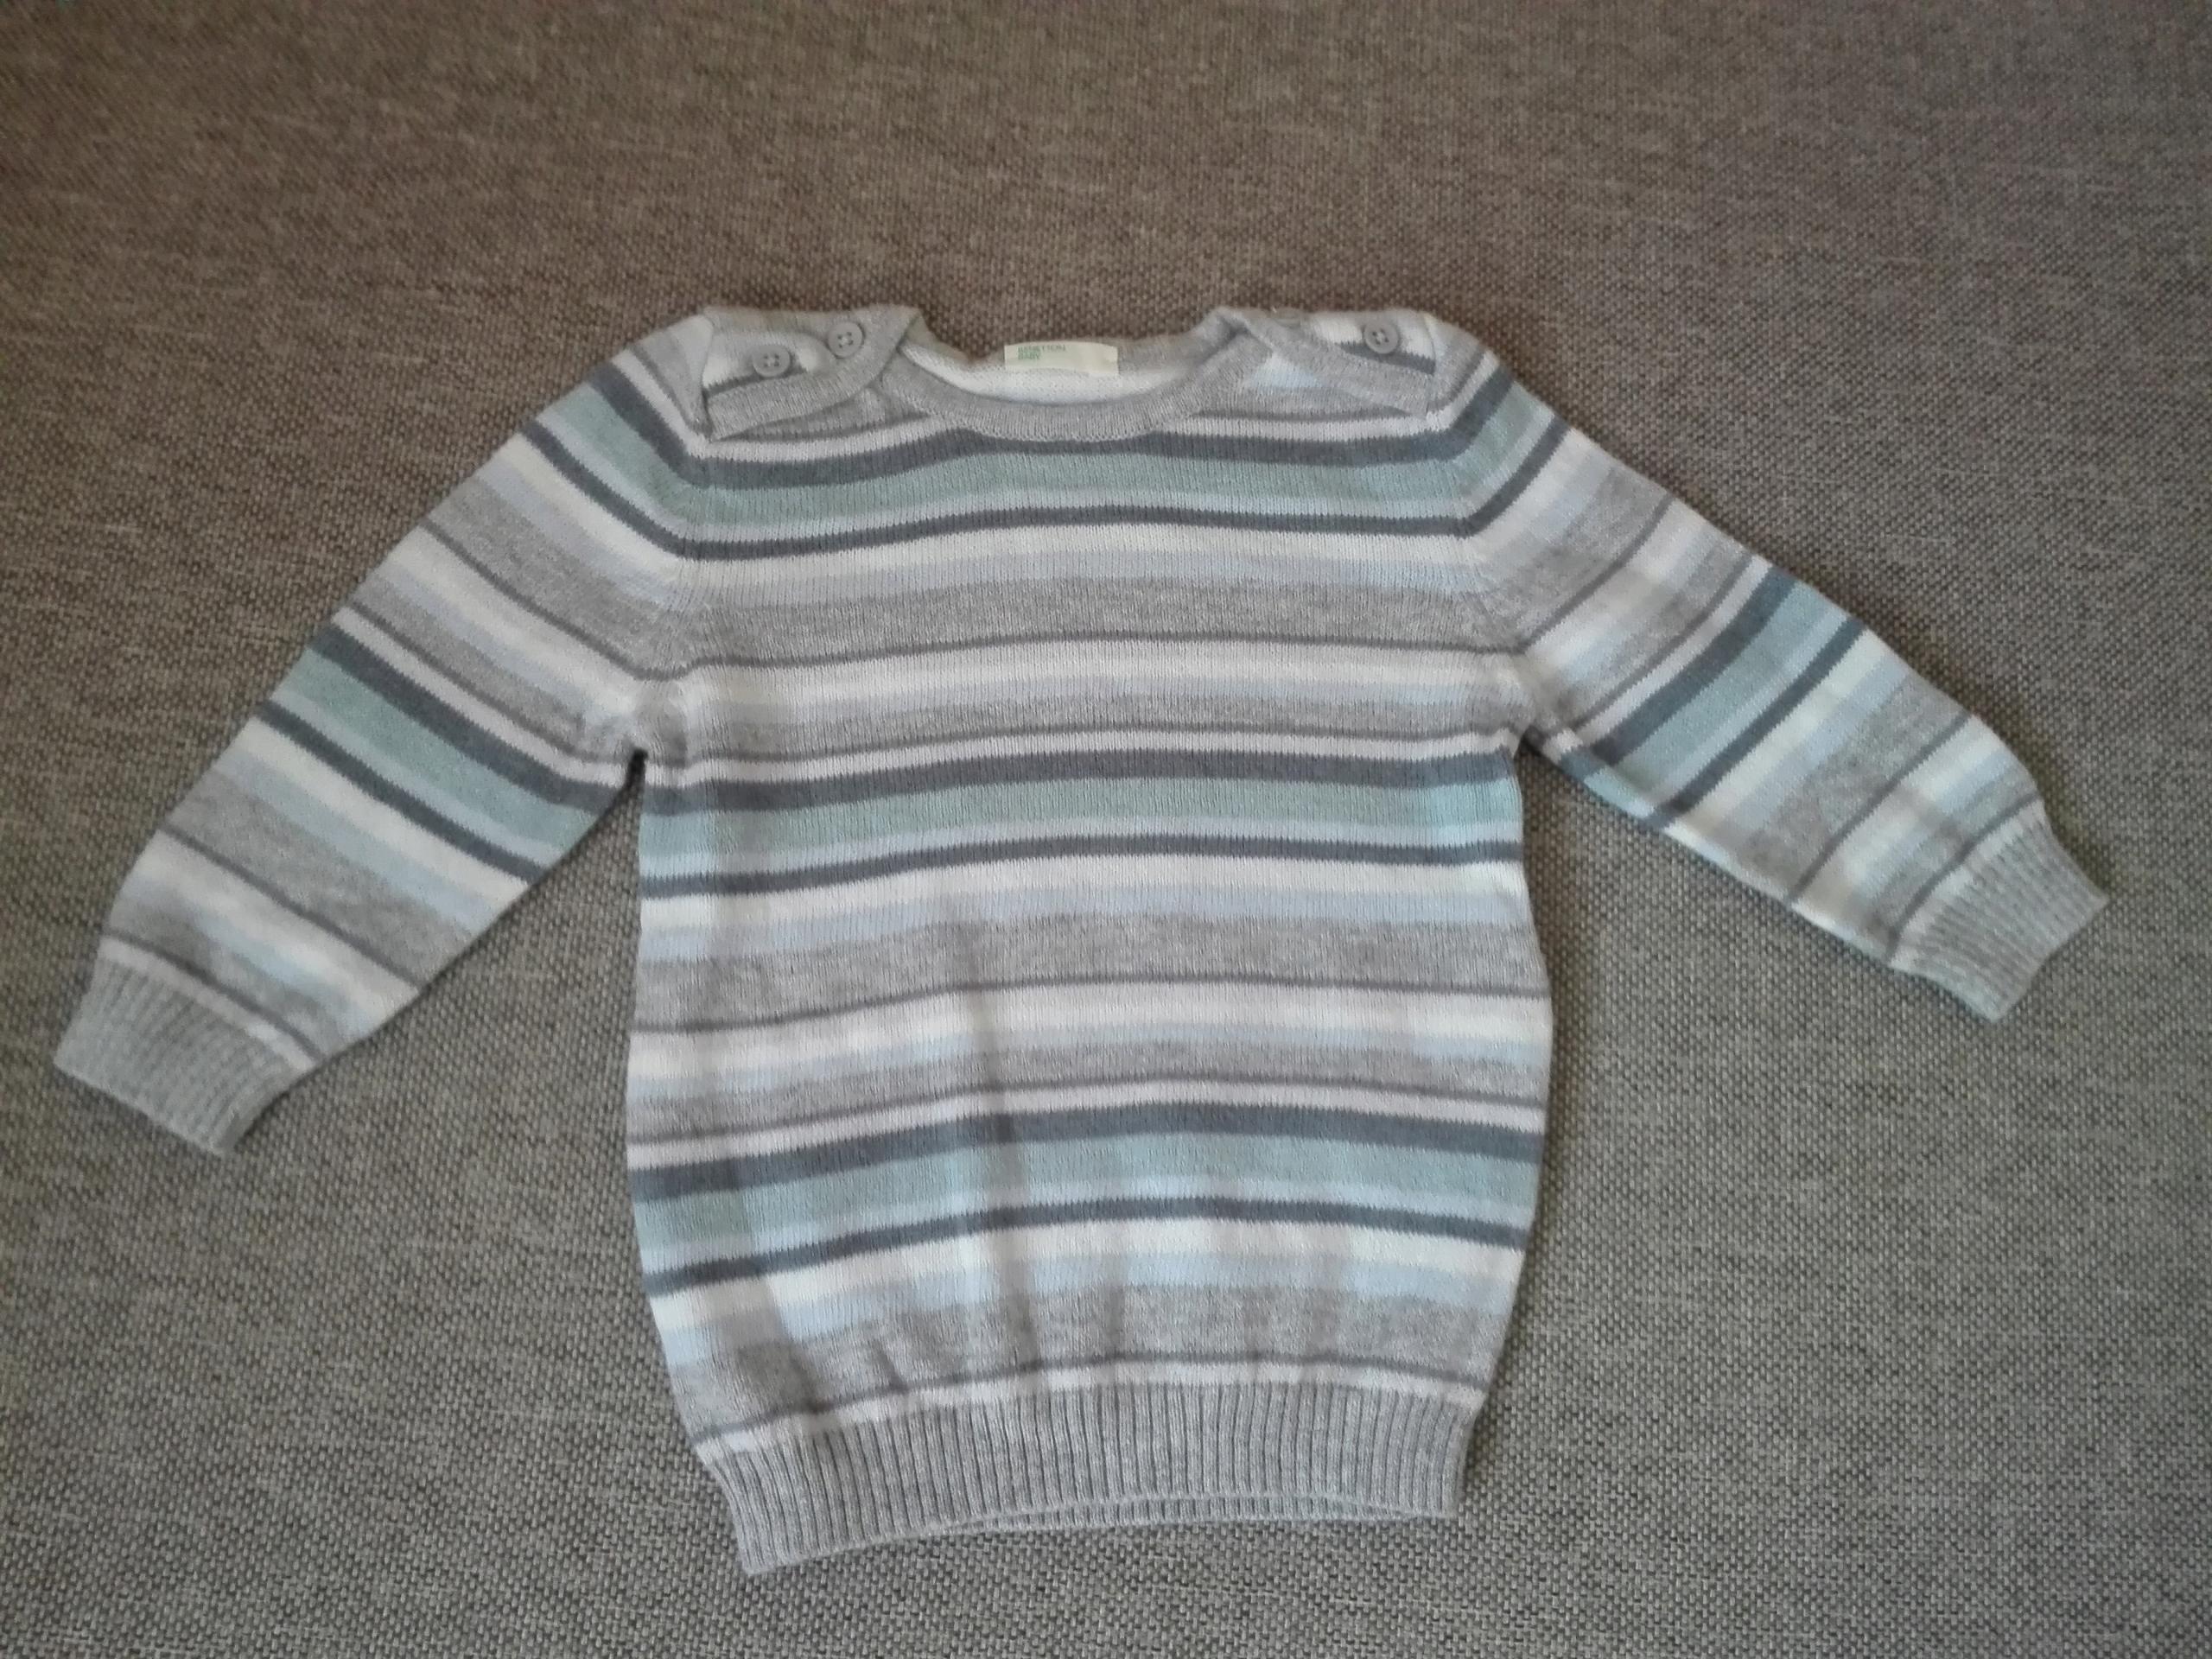 Sweterek Benetton, nowy, świetna jakość, r.62